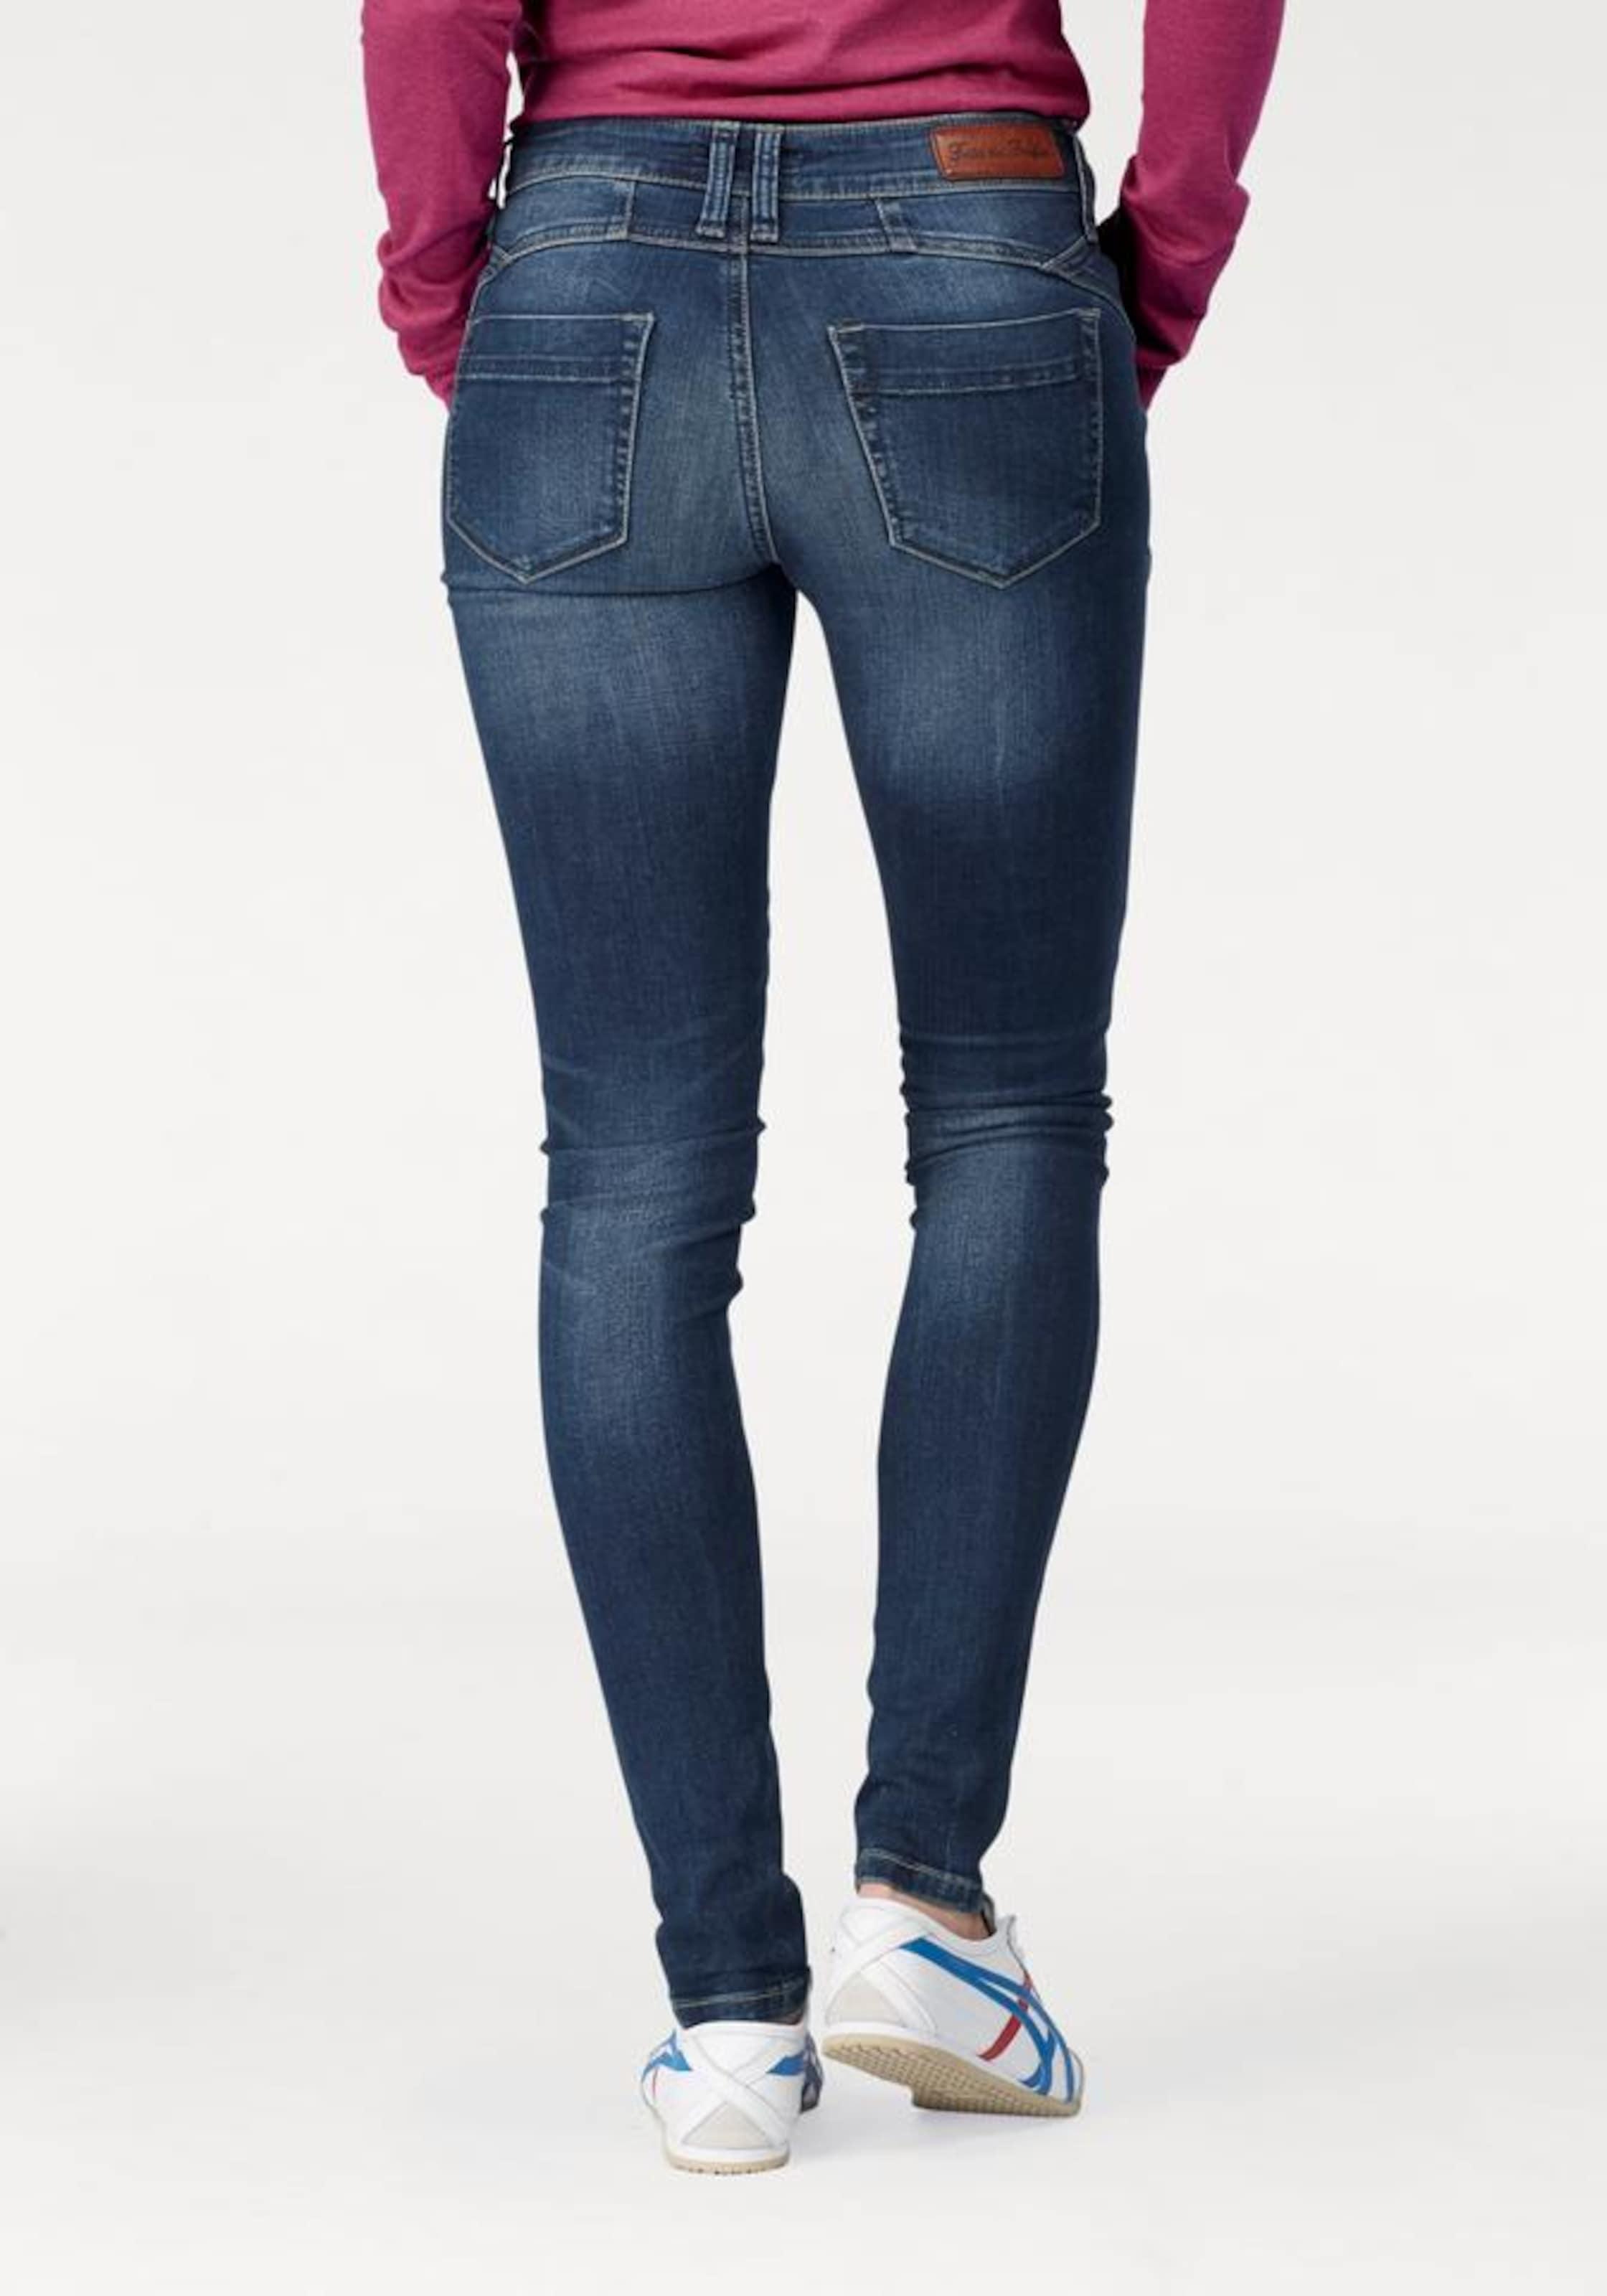 Fritzi aus Preußen '700010001' Slimfit Jeans Rabatt Viele Arten Von Footlocker Abbildungen Günstigen Preis Niedriger Versand Günstig Online Günstig Kaufen Erschwinglich CQBdB